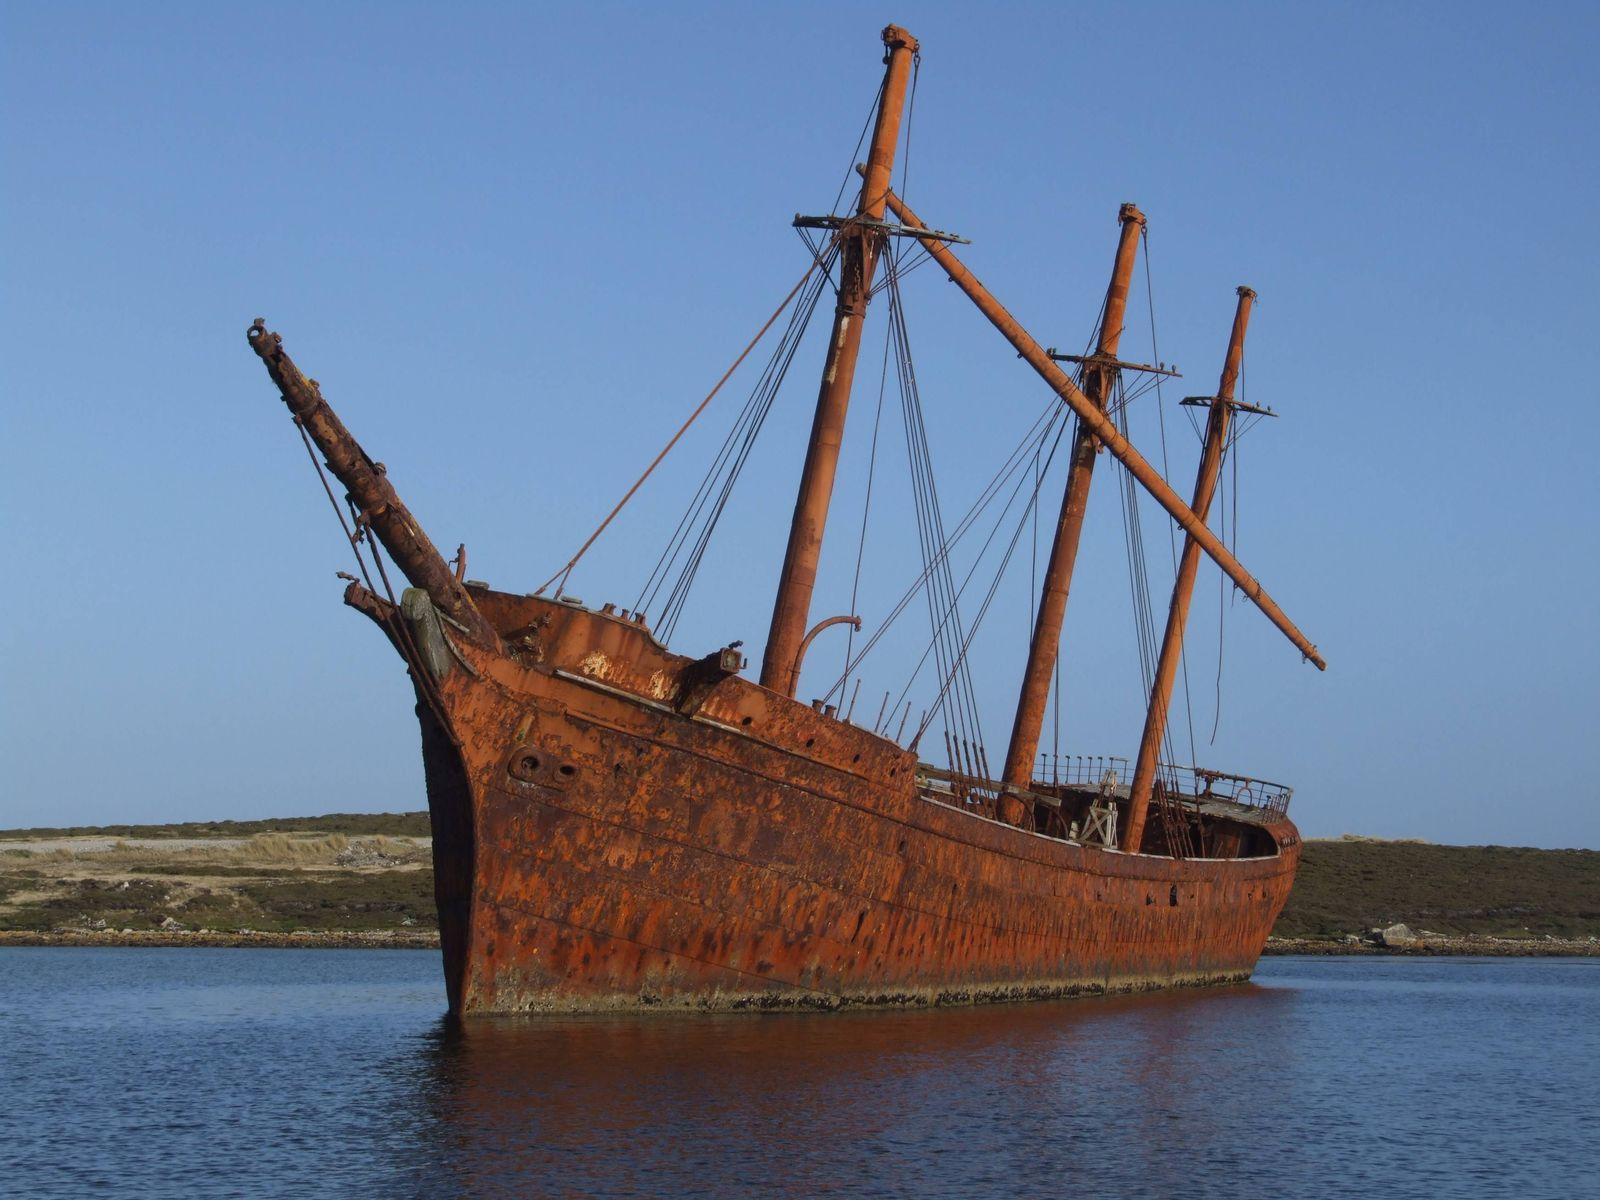 「難破船」の画像検索結果